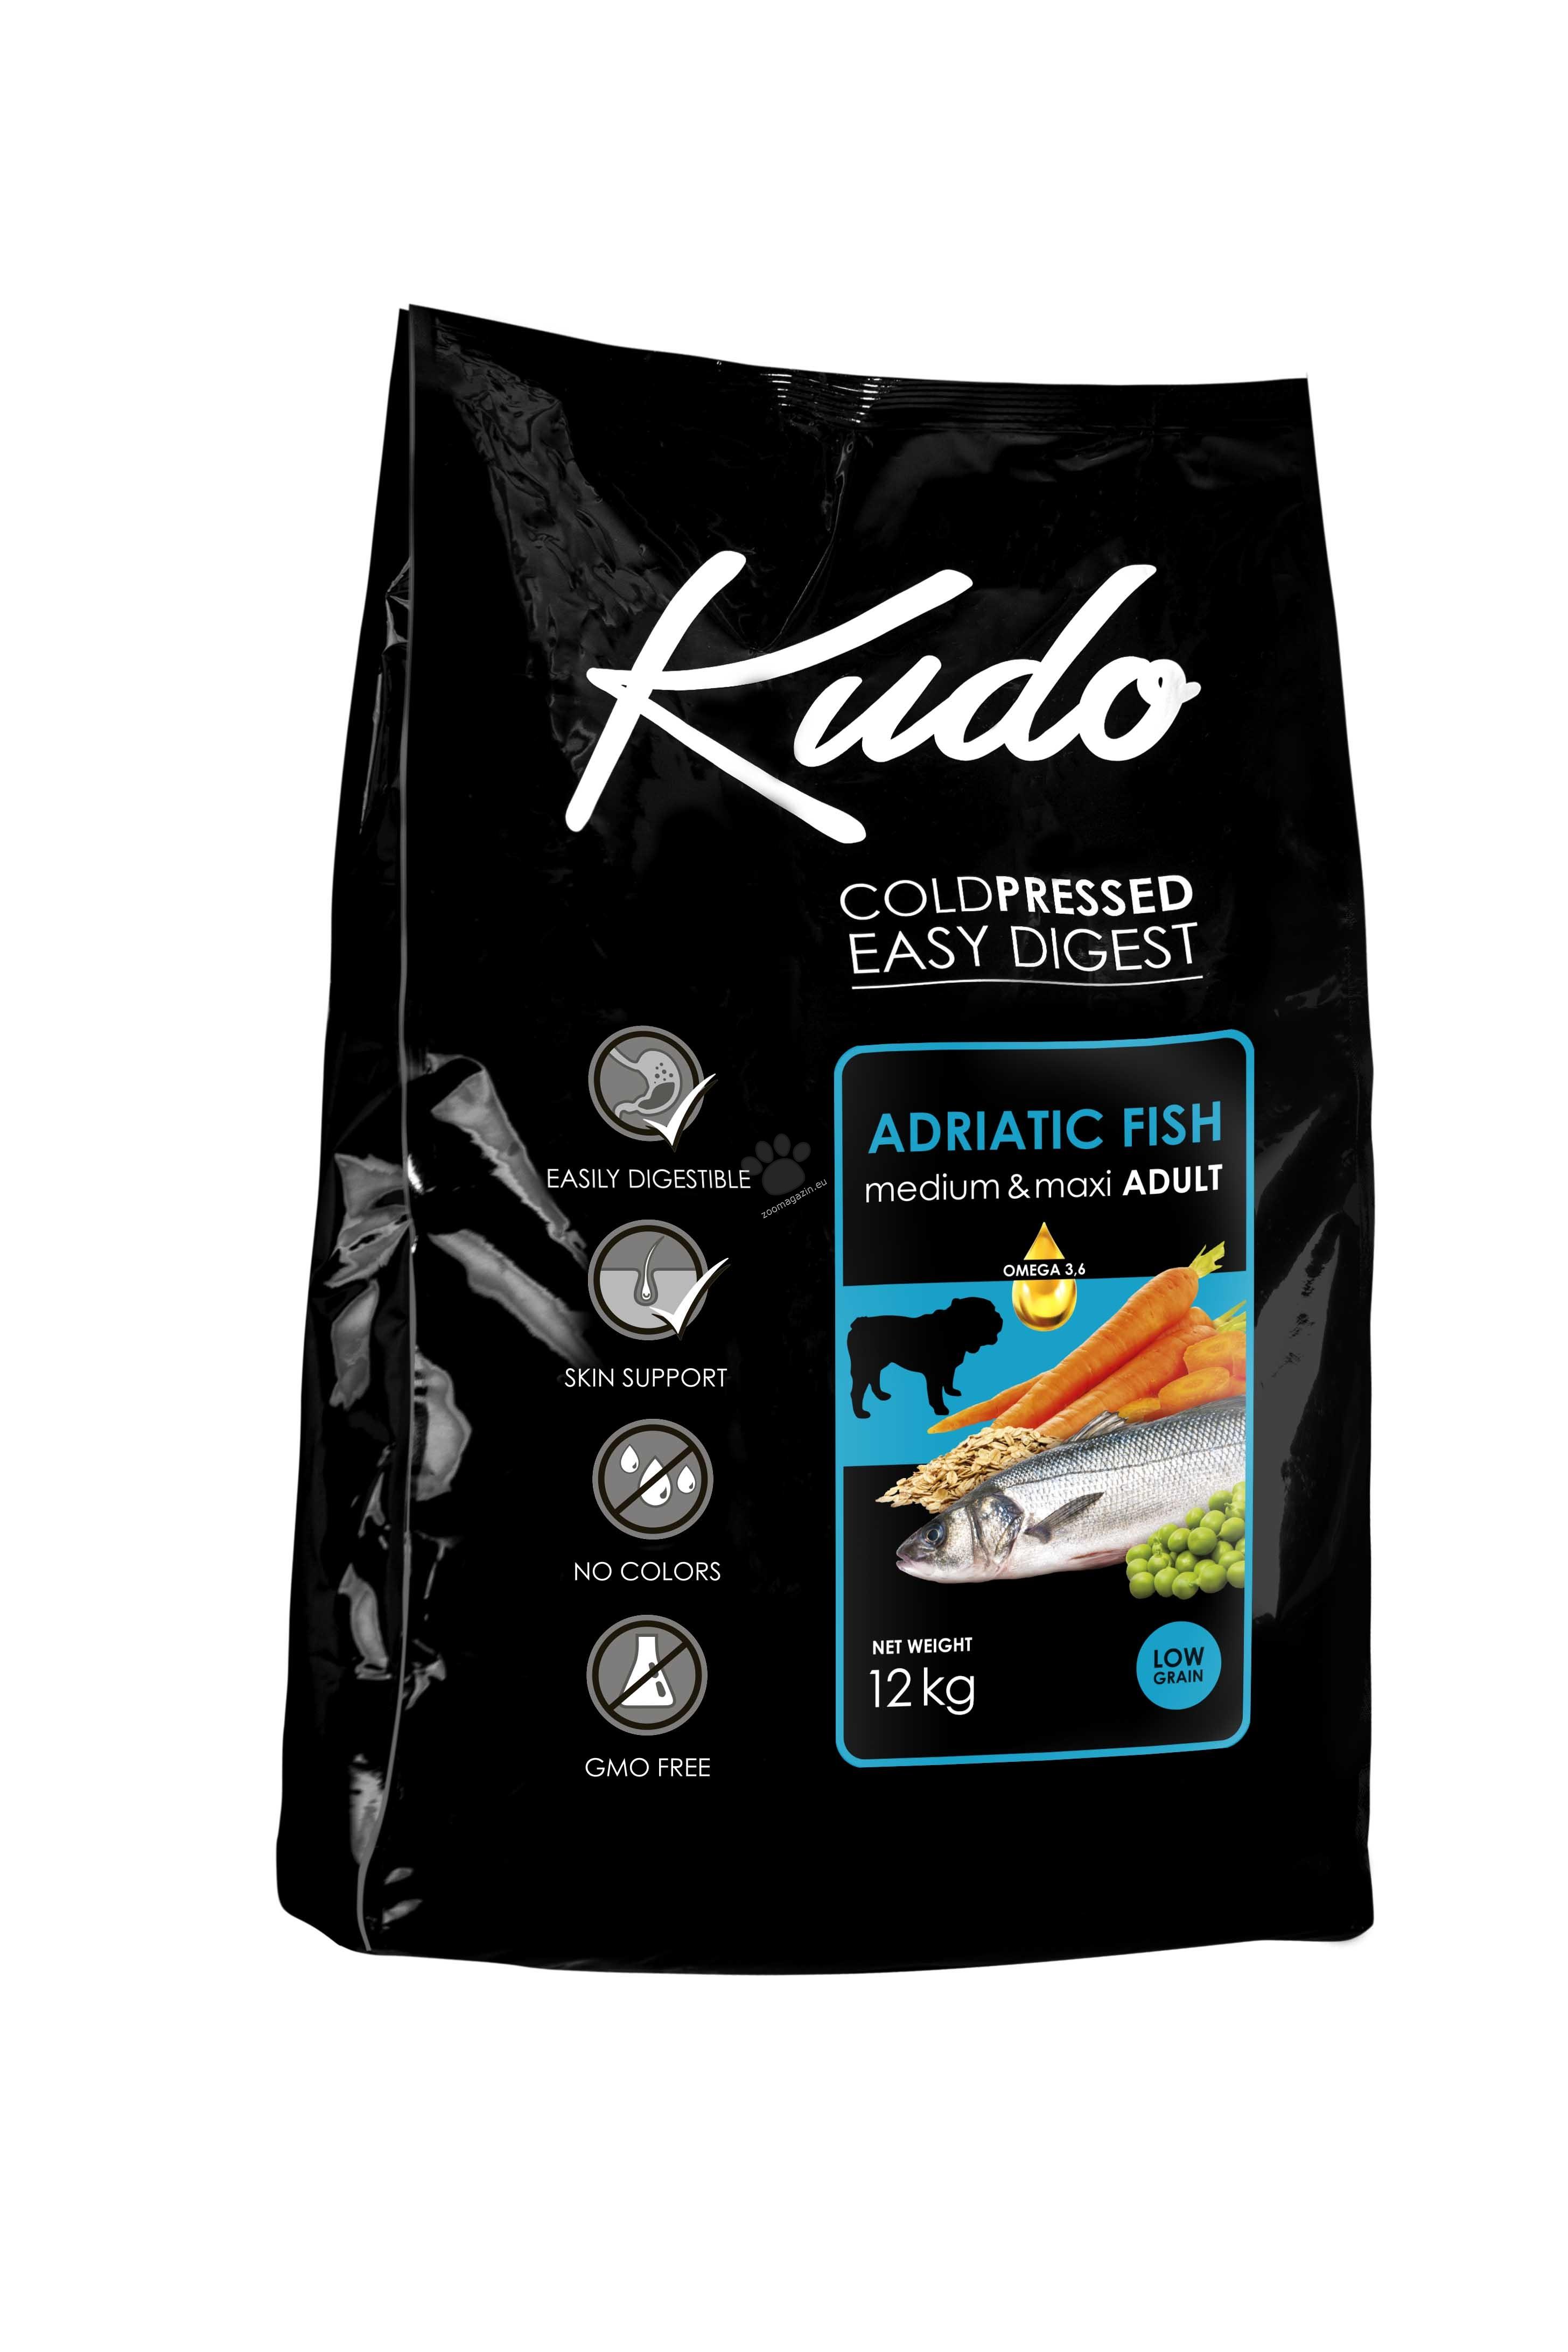 Kudo Low Grain Adriatic Fish Meduim-Maxi Adult - балансирана суха храна за израснали кучета от средни и големи породи над 12 месеца 3 кг.